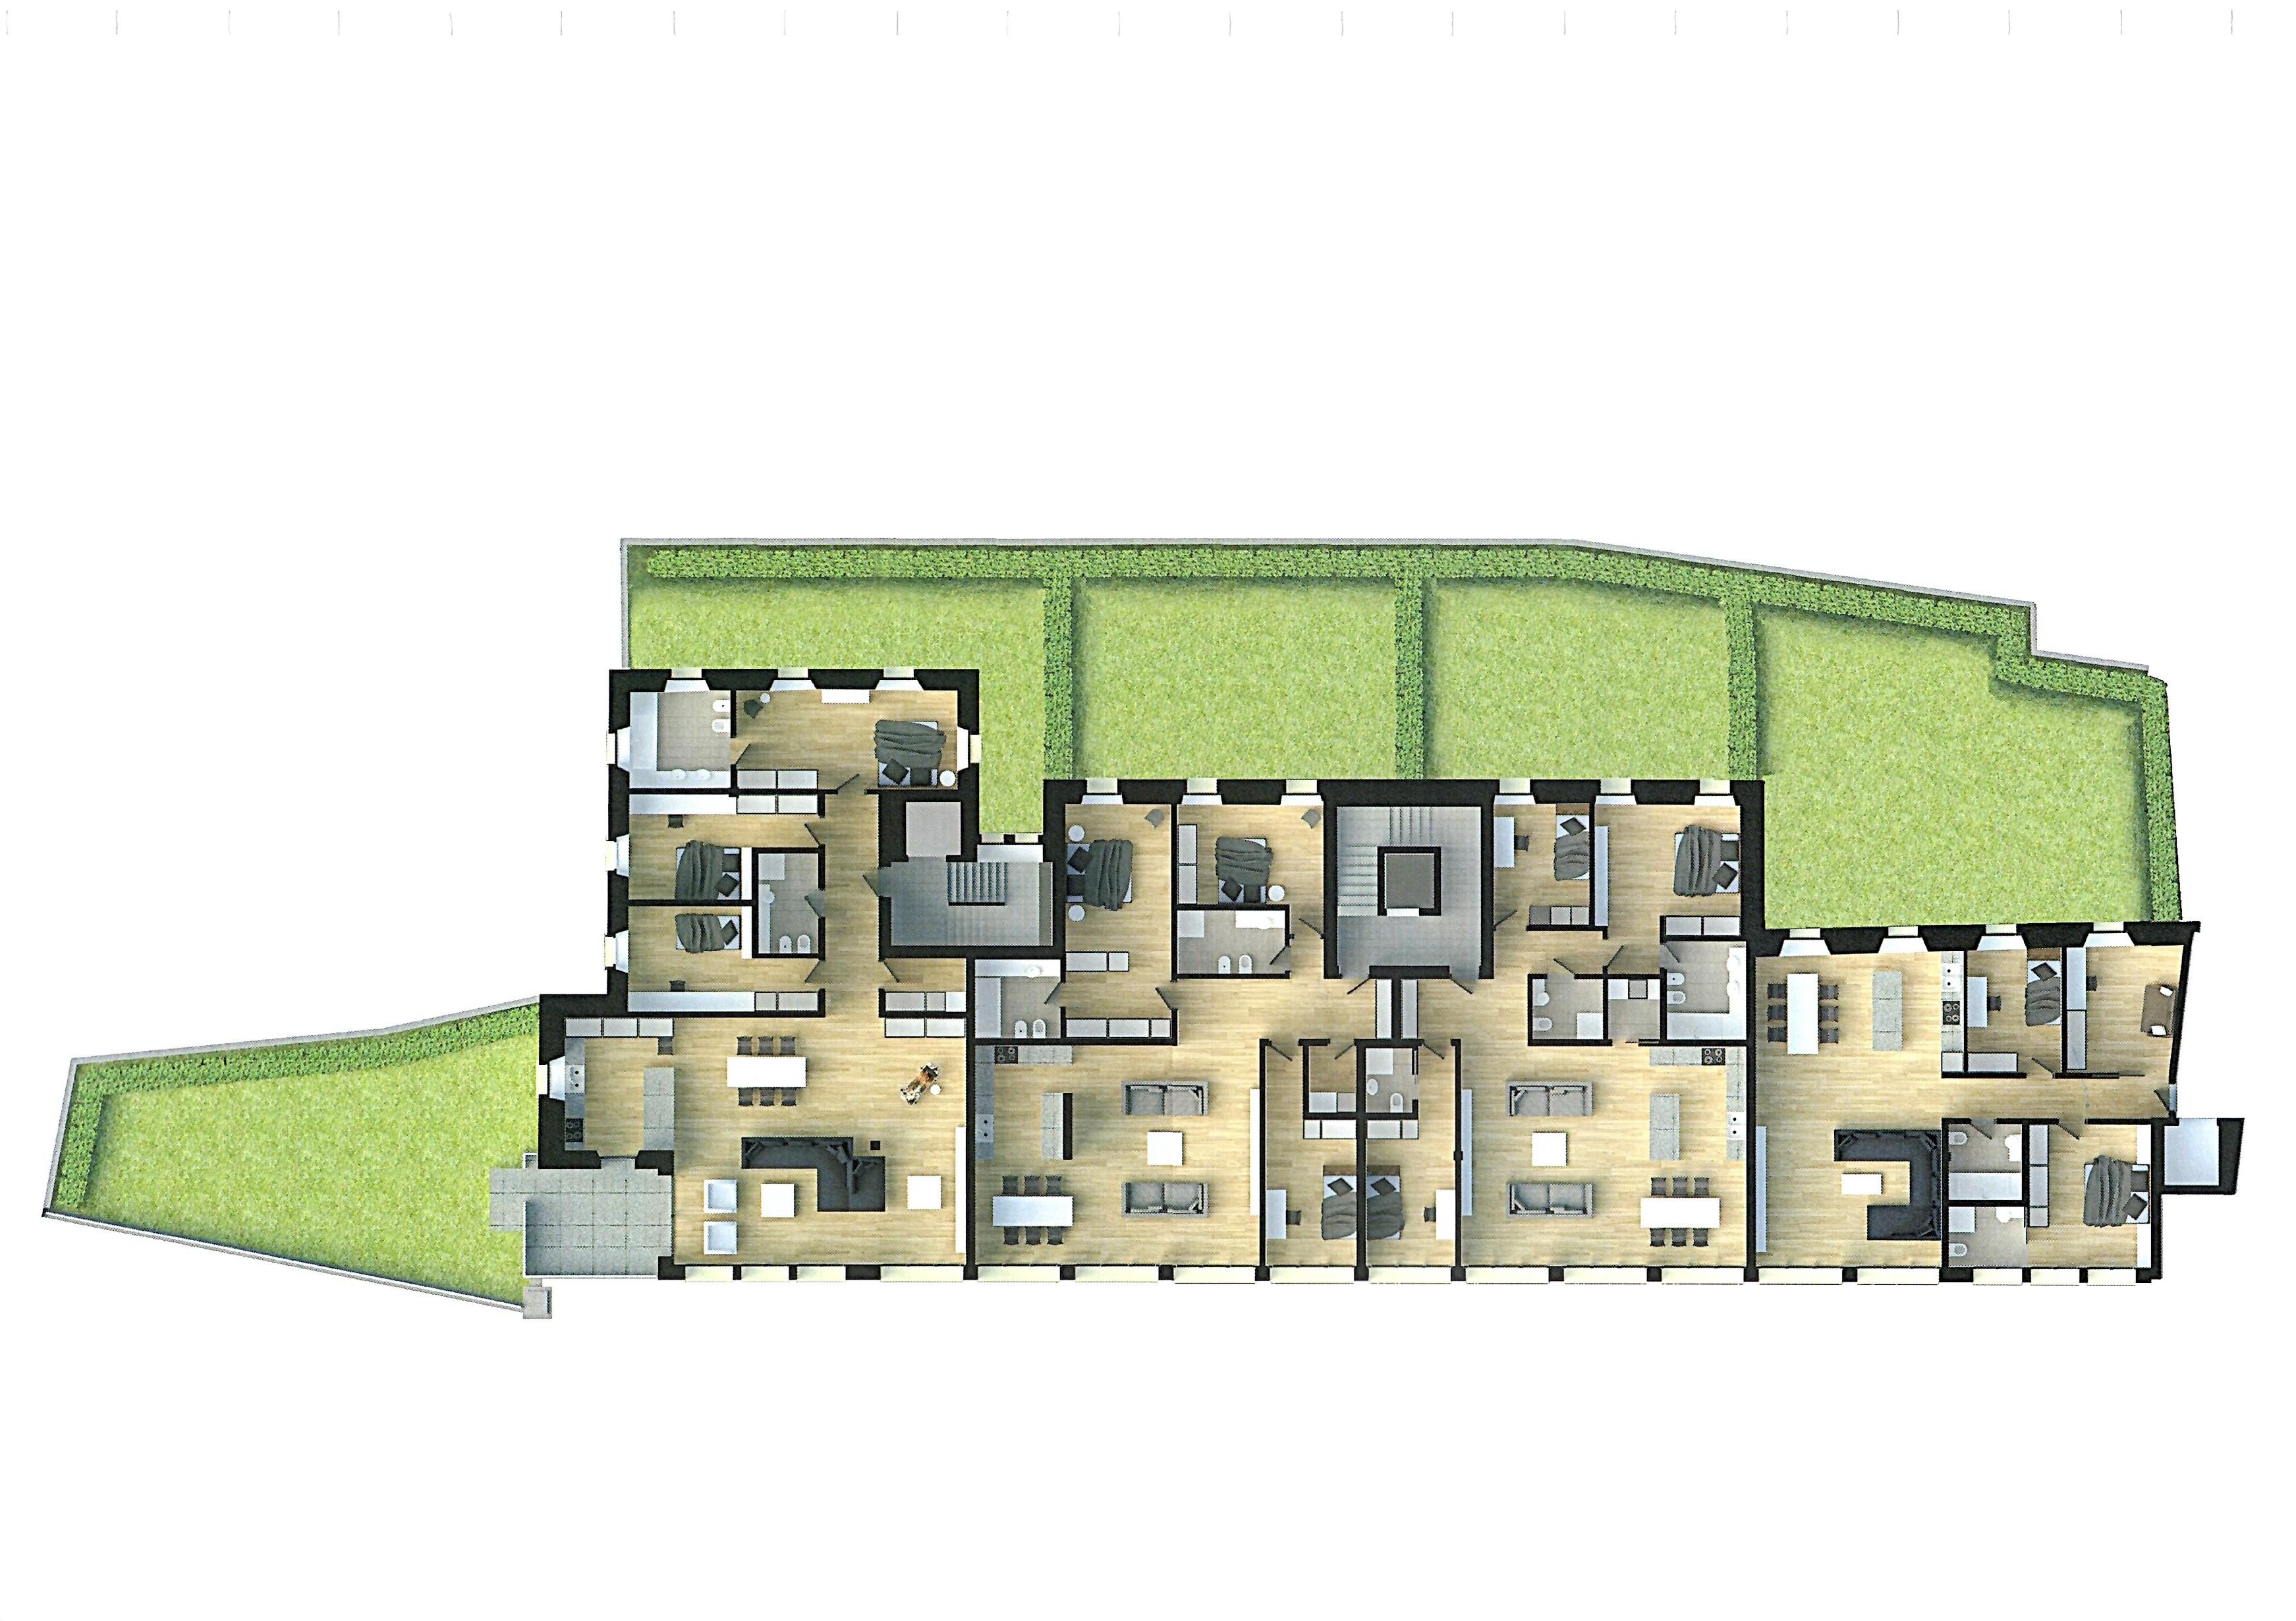 Lugano ch proposte immobiliari saletti srl for Planimetrie della casa del ranch di un livello